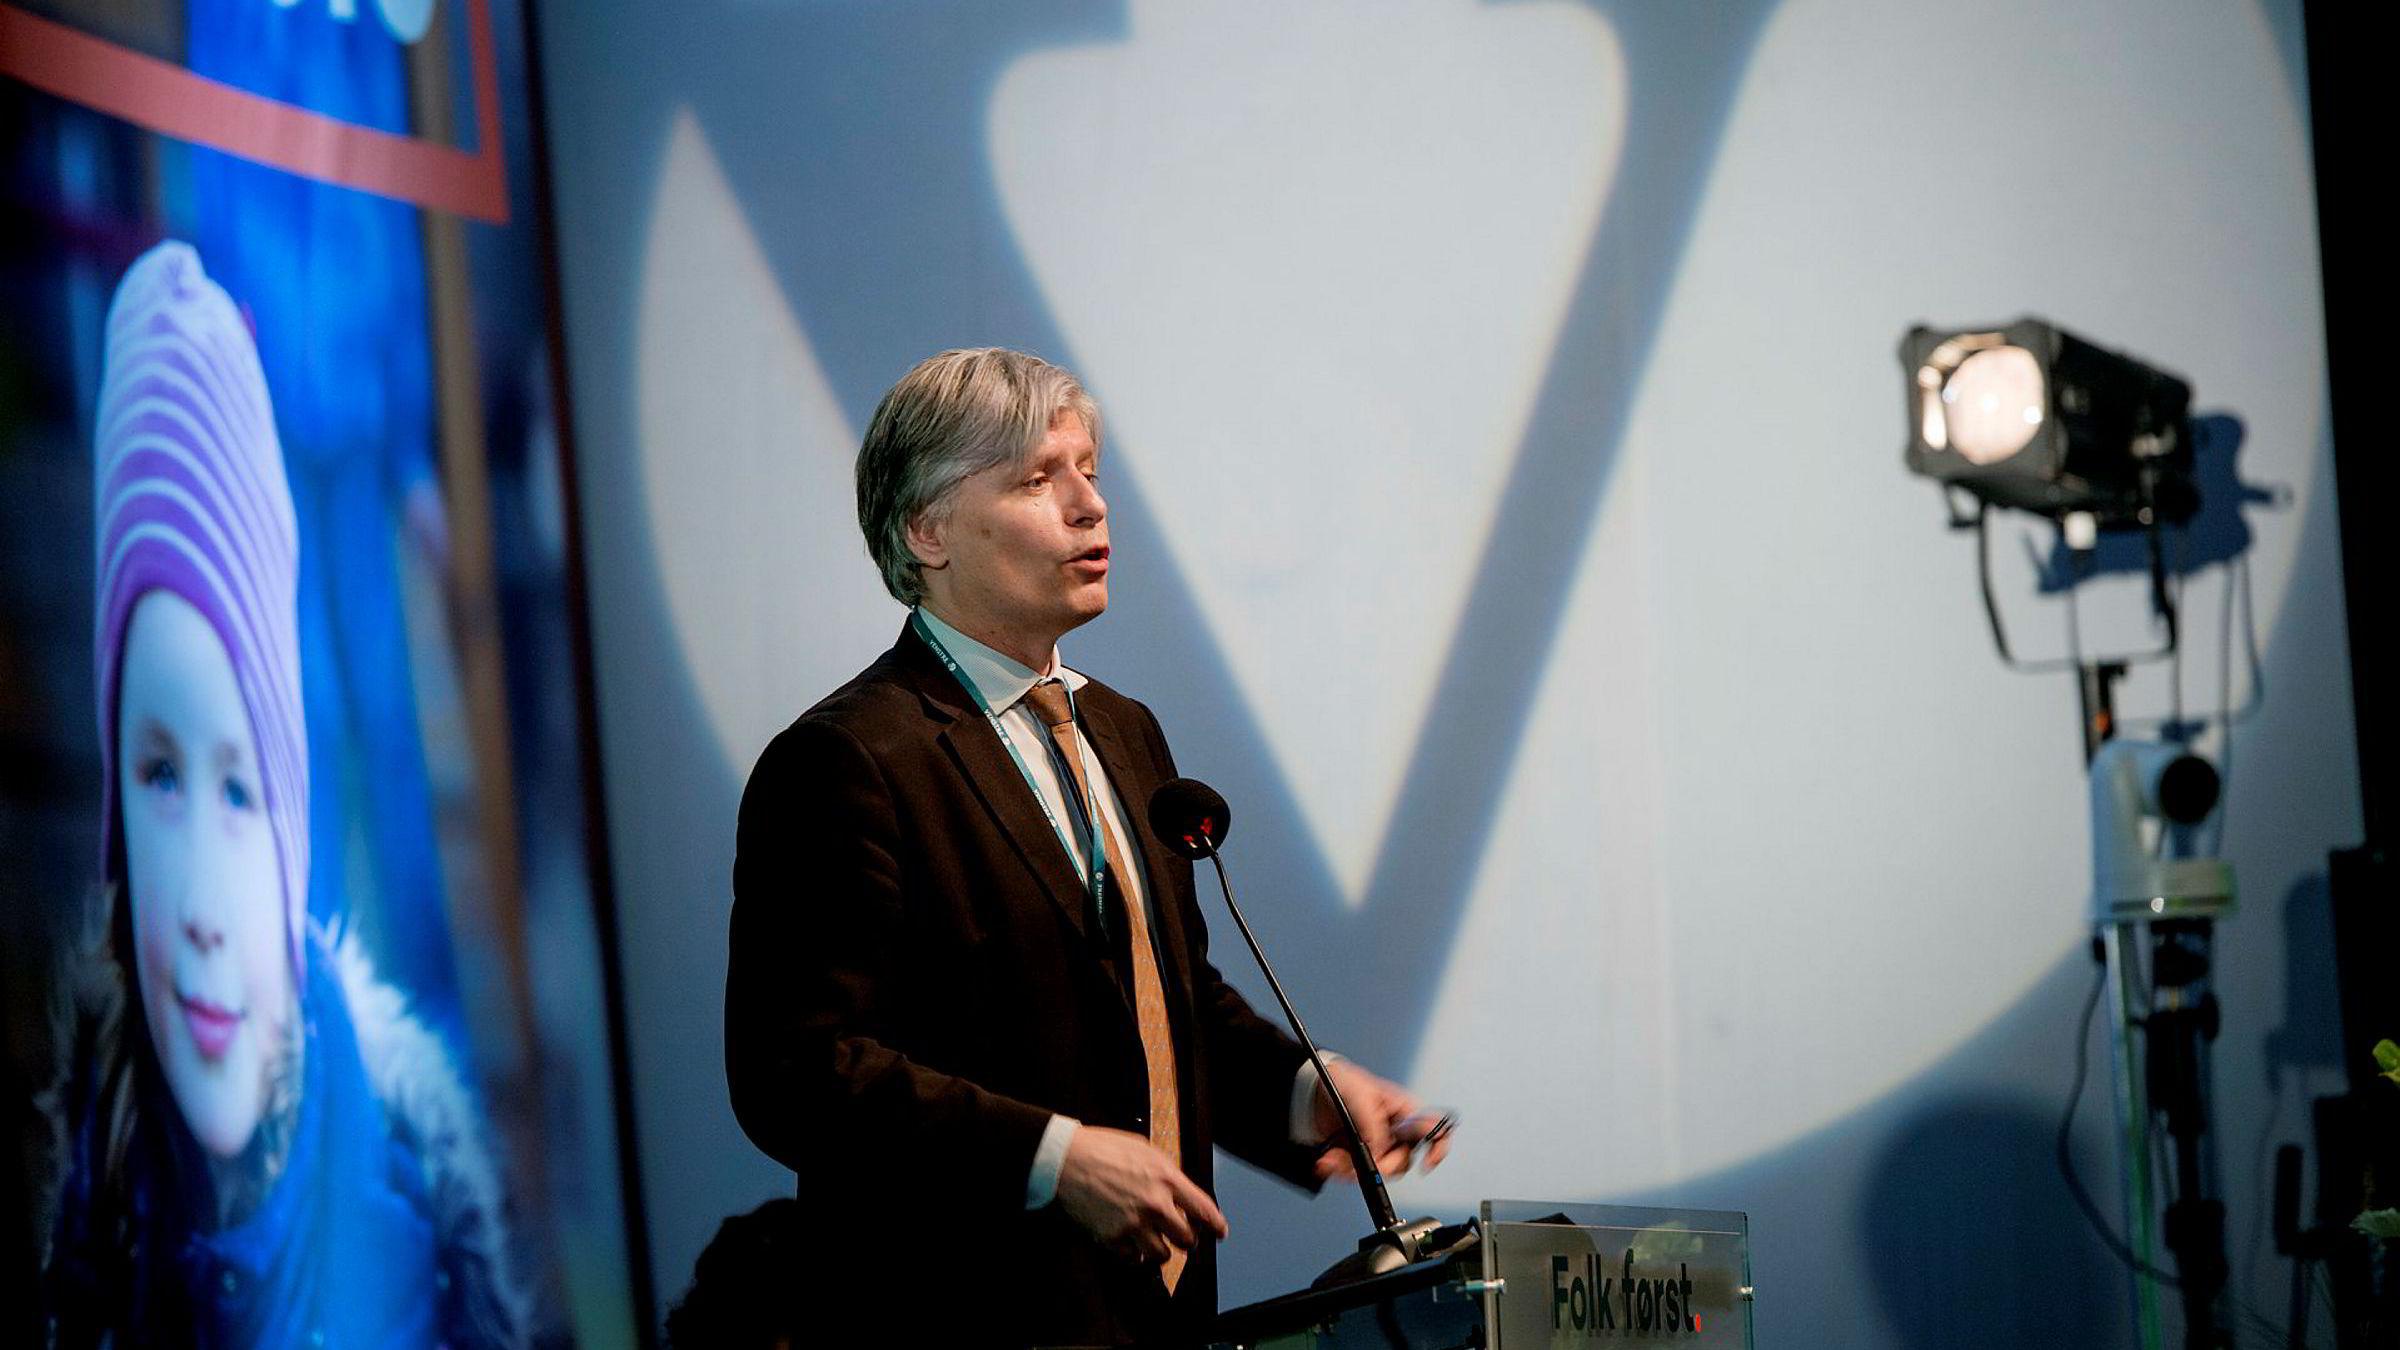 Ola Elvestuen. Venstre Landsmøte